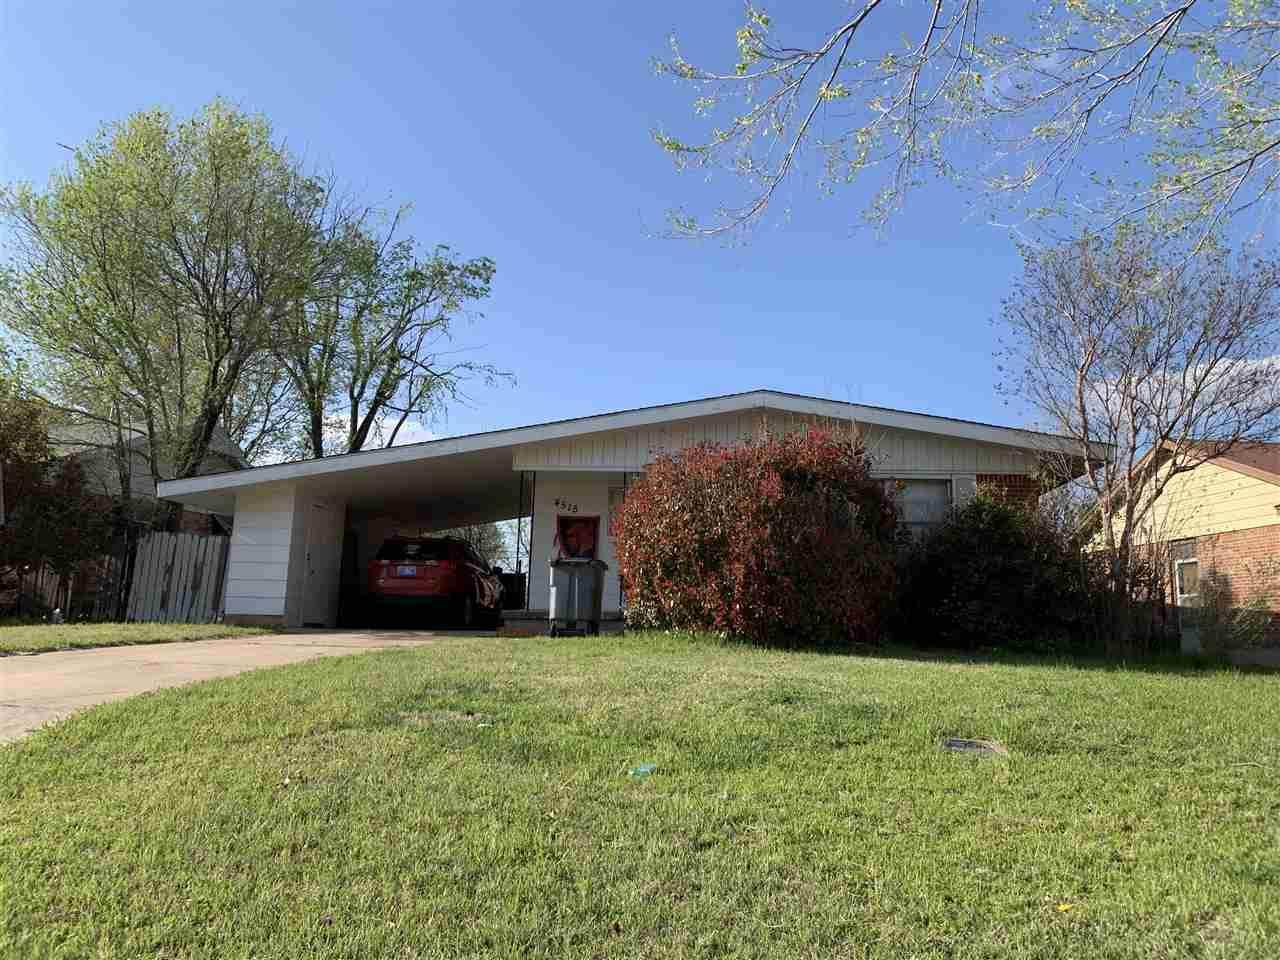 4515 Cheyenne Ave - Photo 1